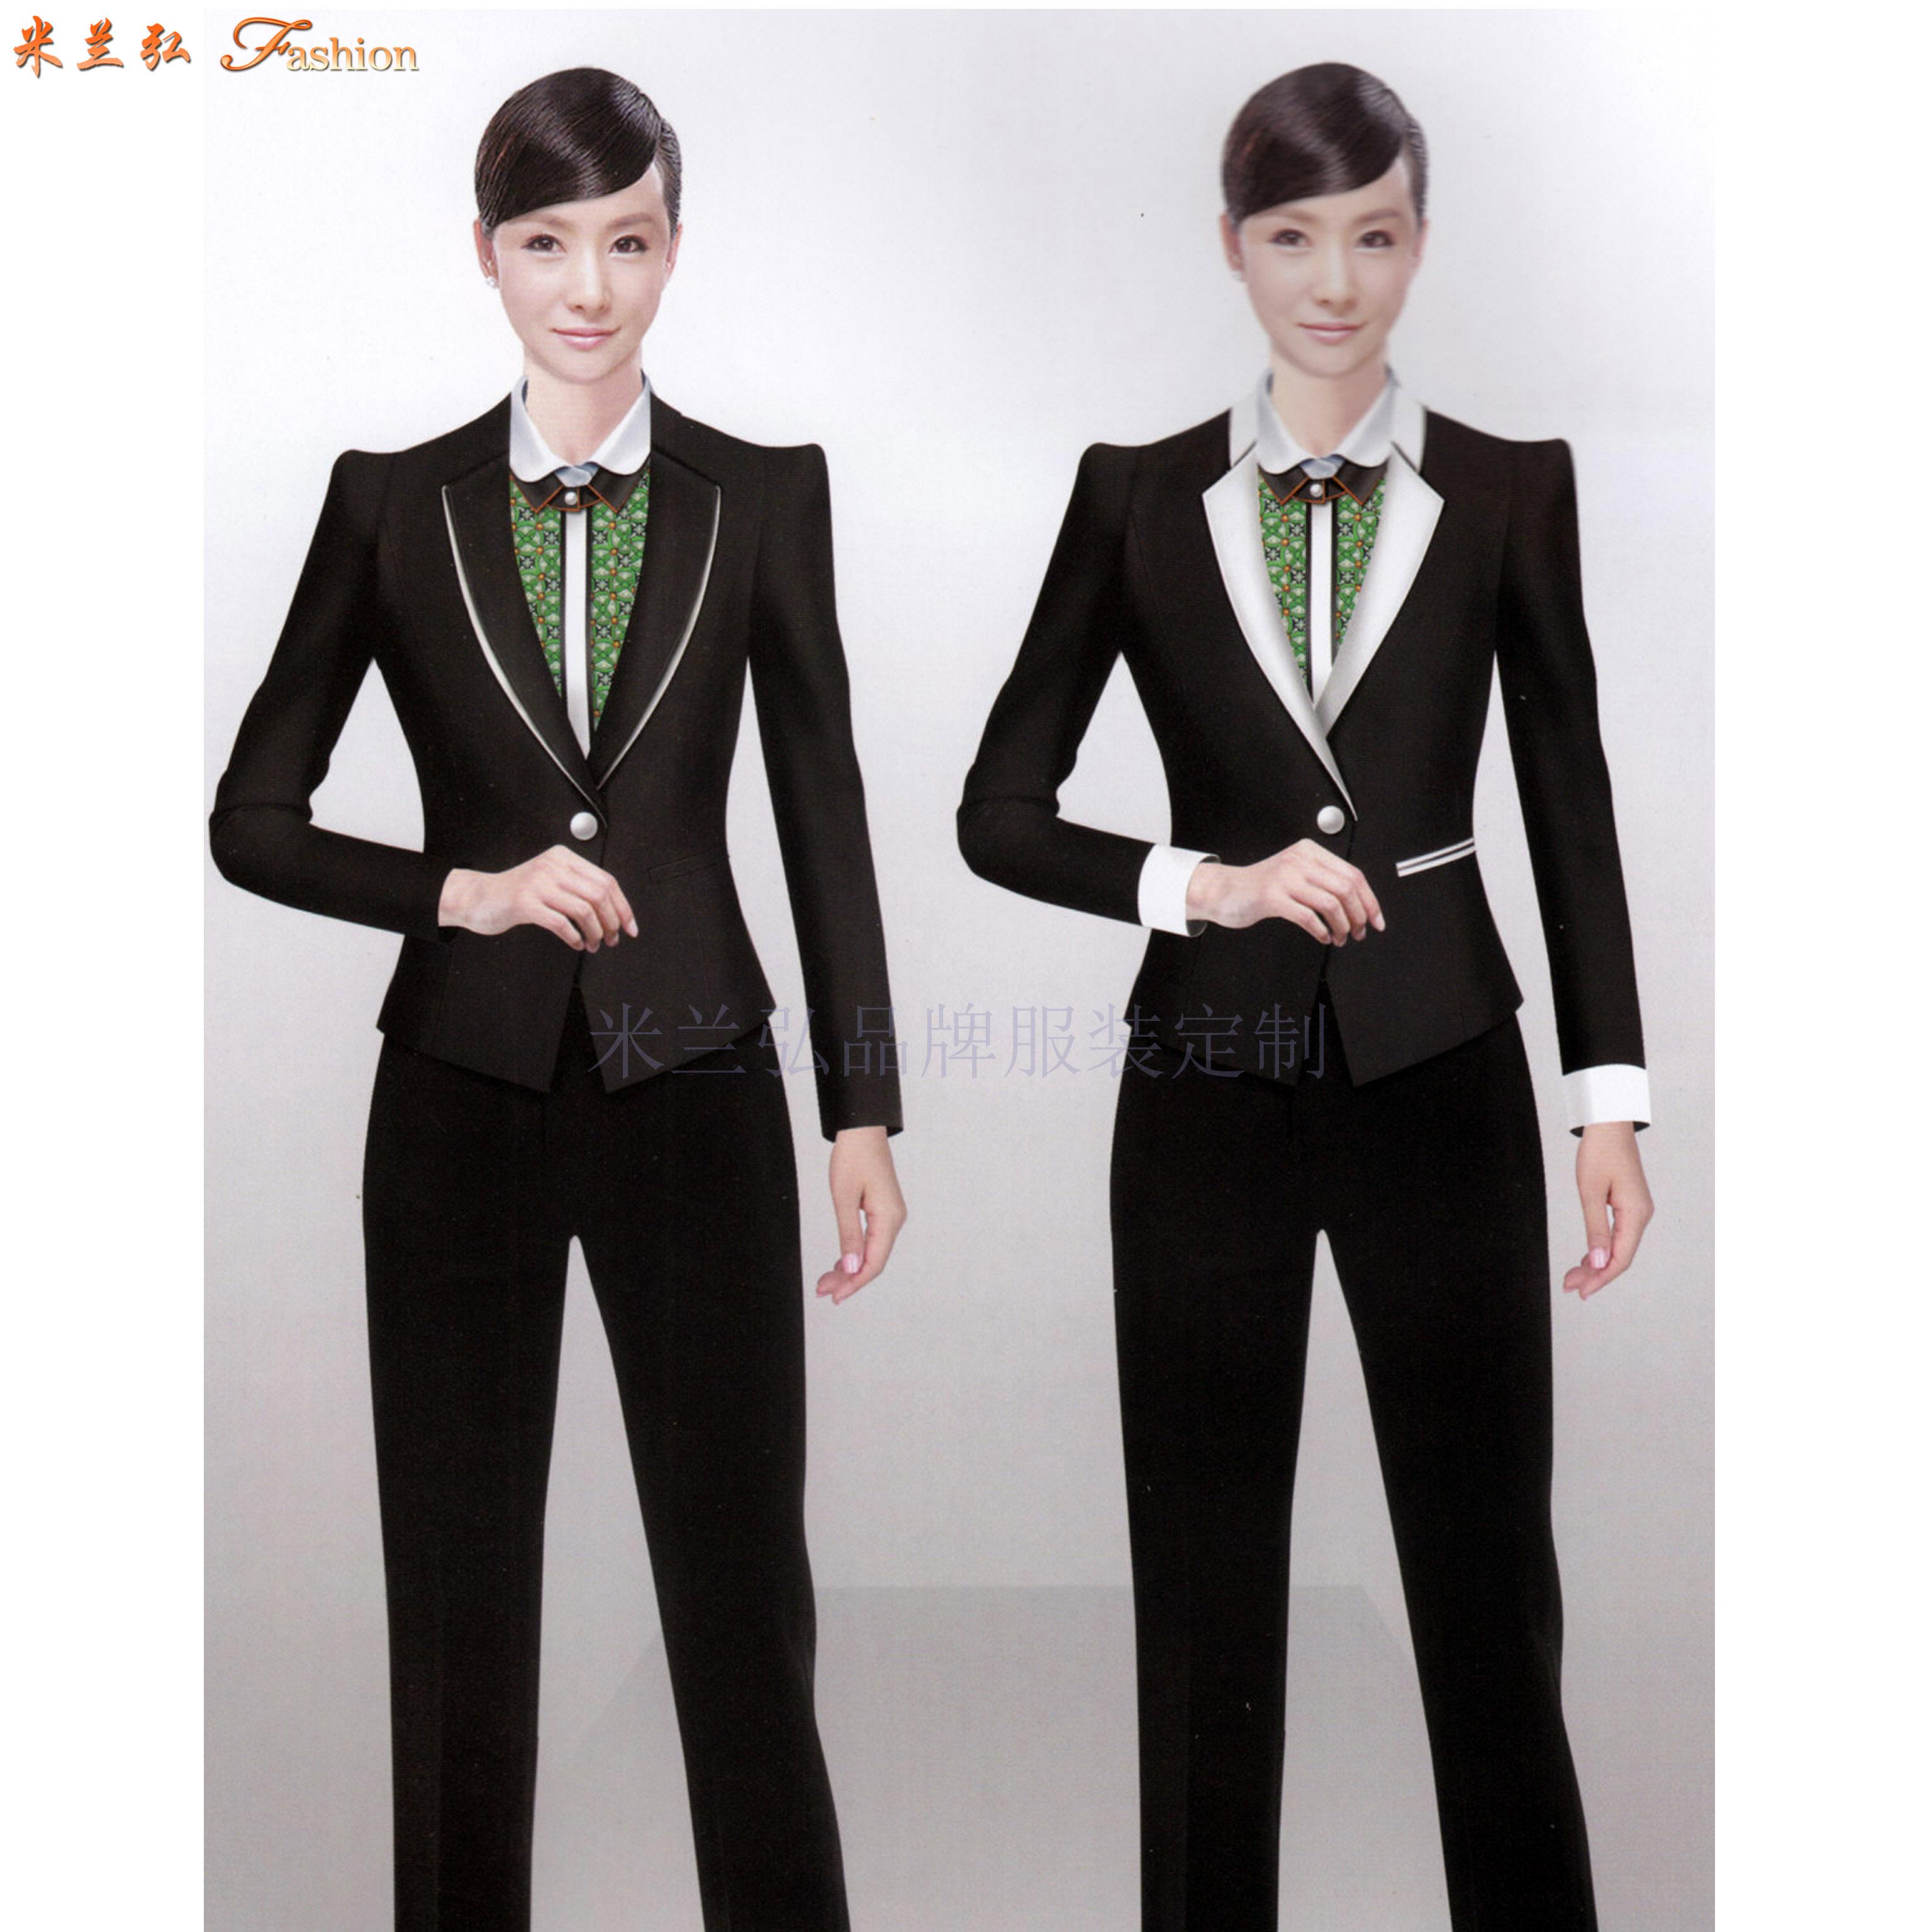 教師職業裝新款女裝圖片-院校員工職業裝-米蘭弘服裝-4